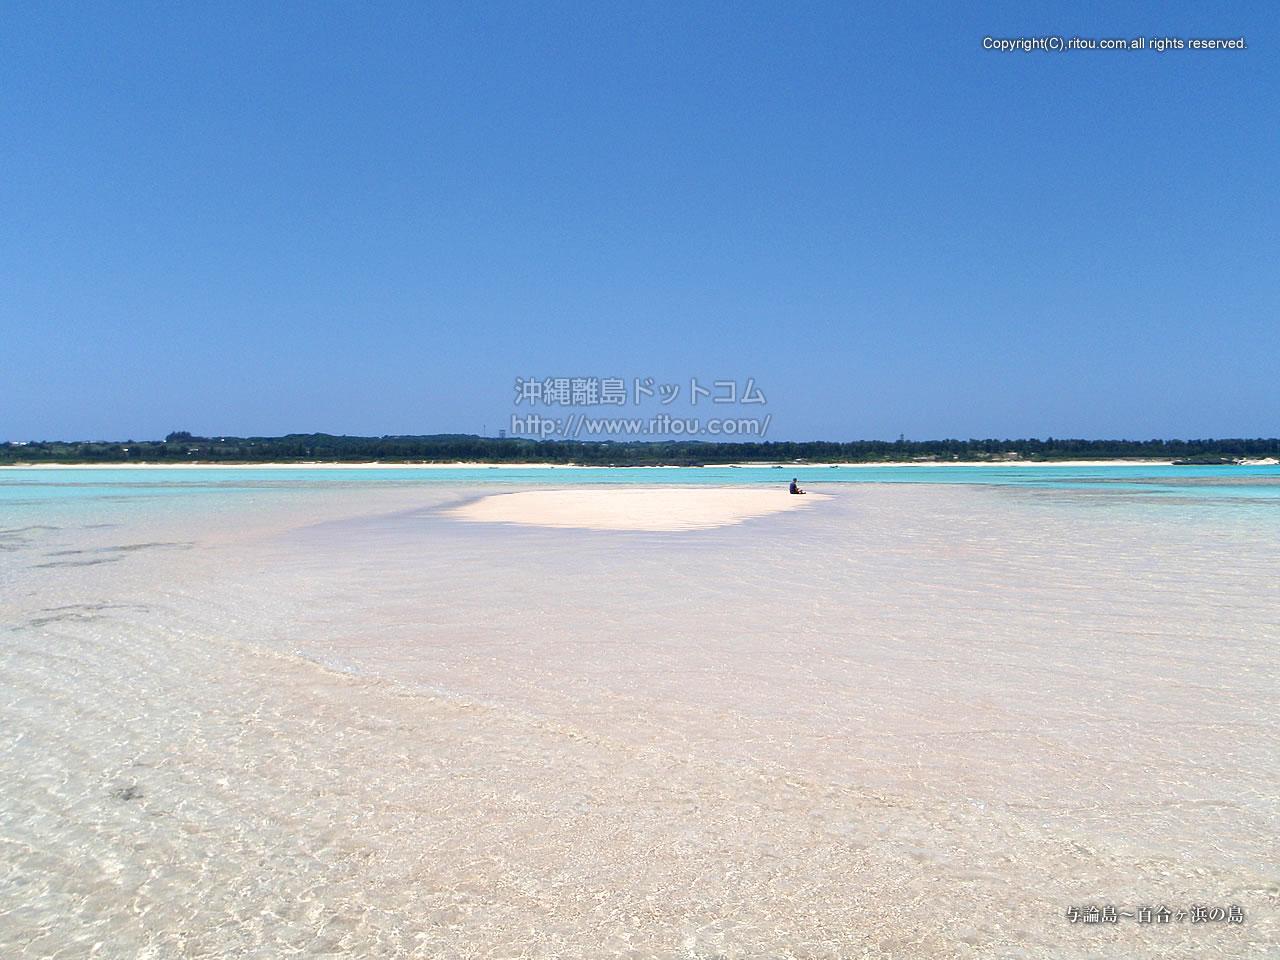 与論島〜百合ヶ浜の島